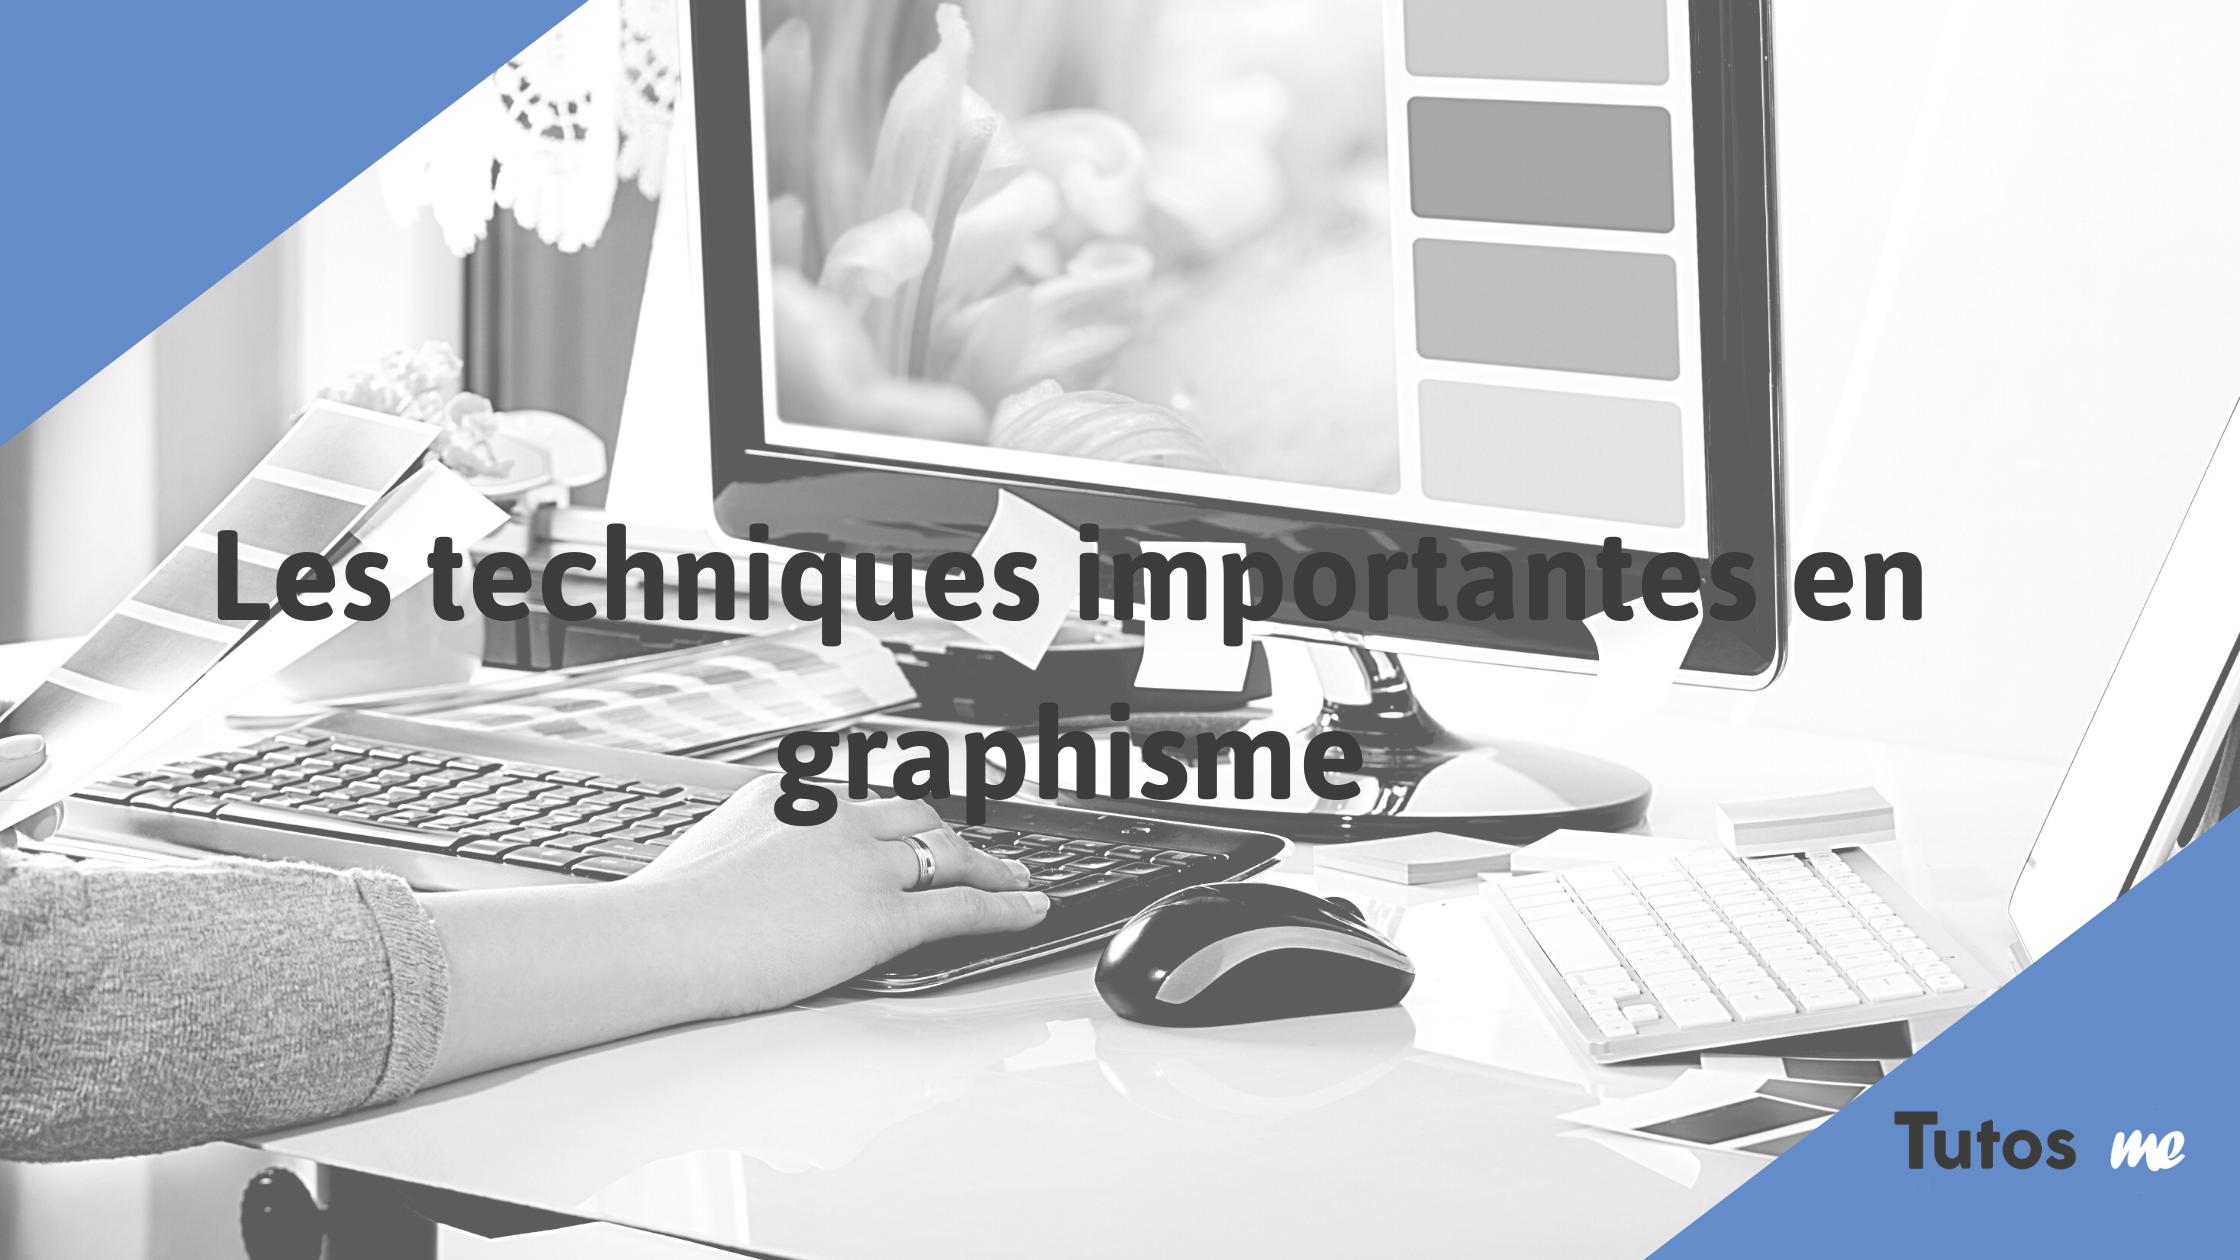 Les techniques importantes en graphisme